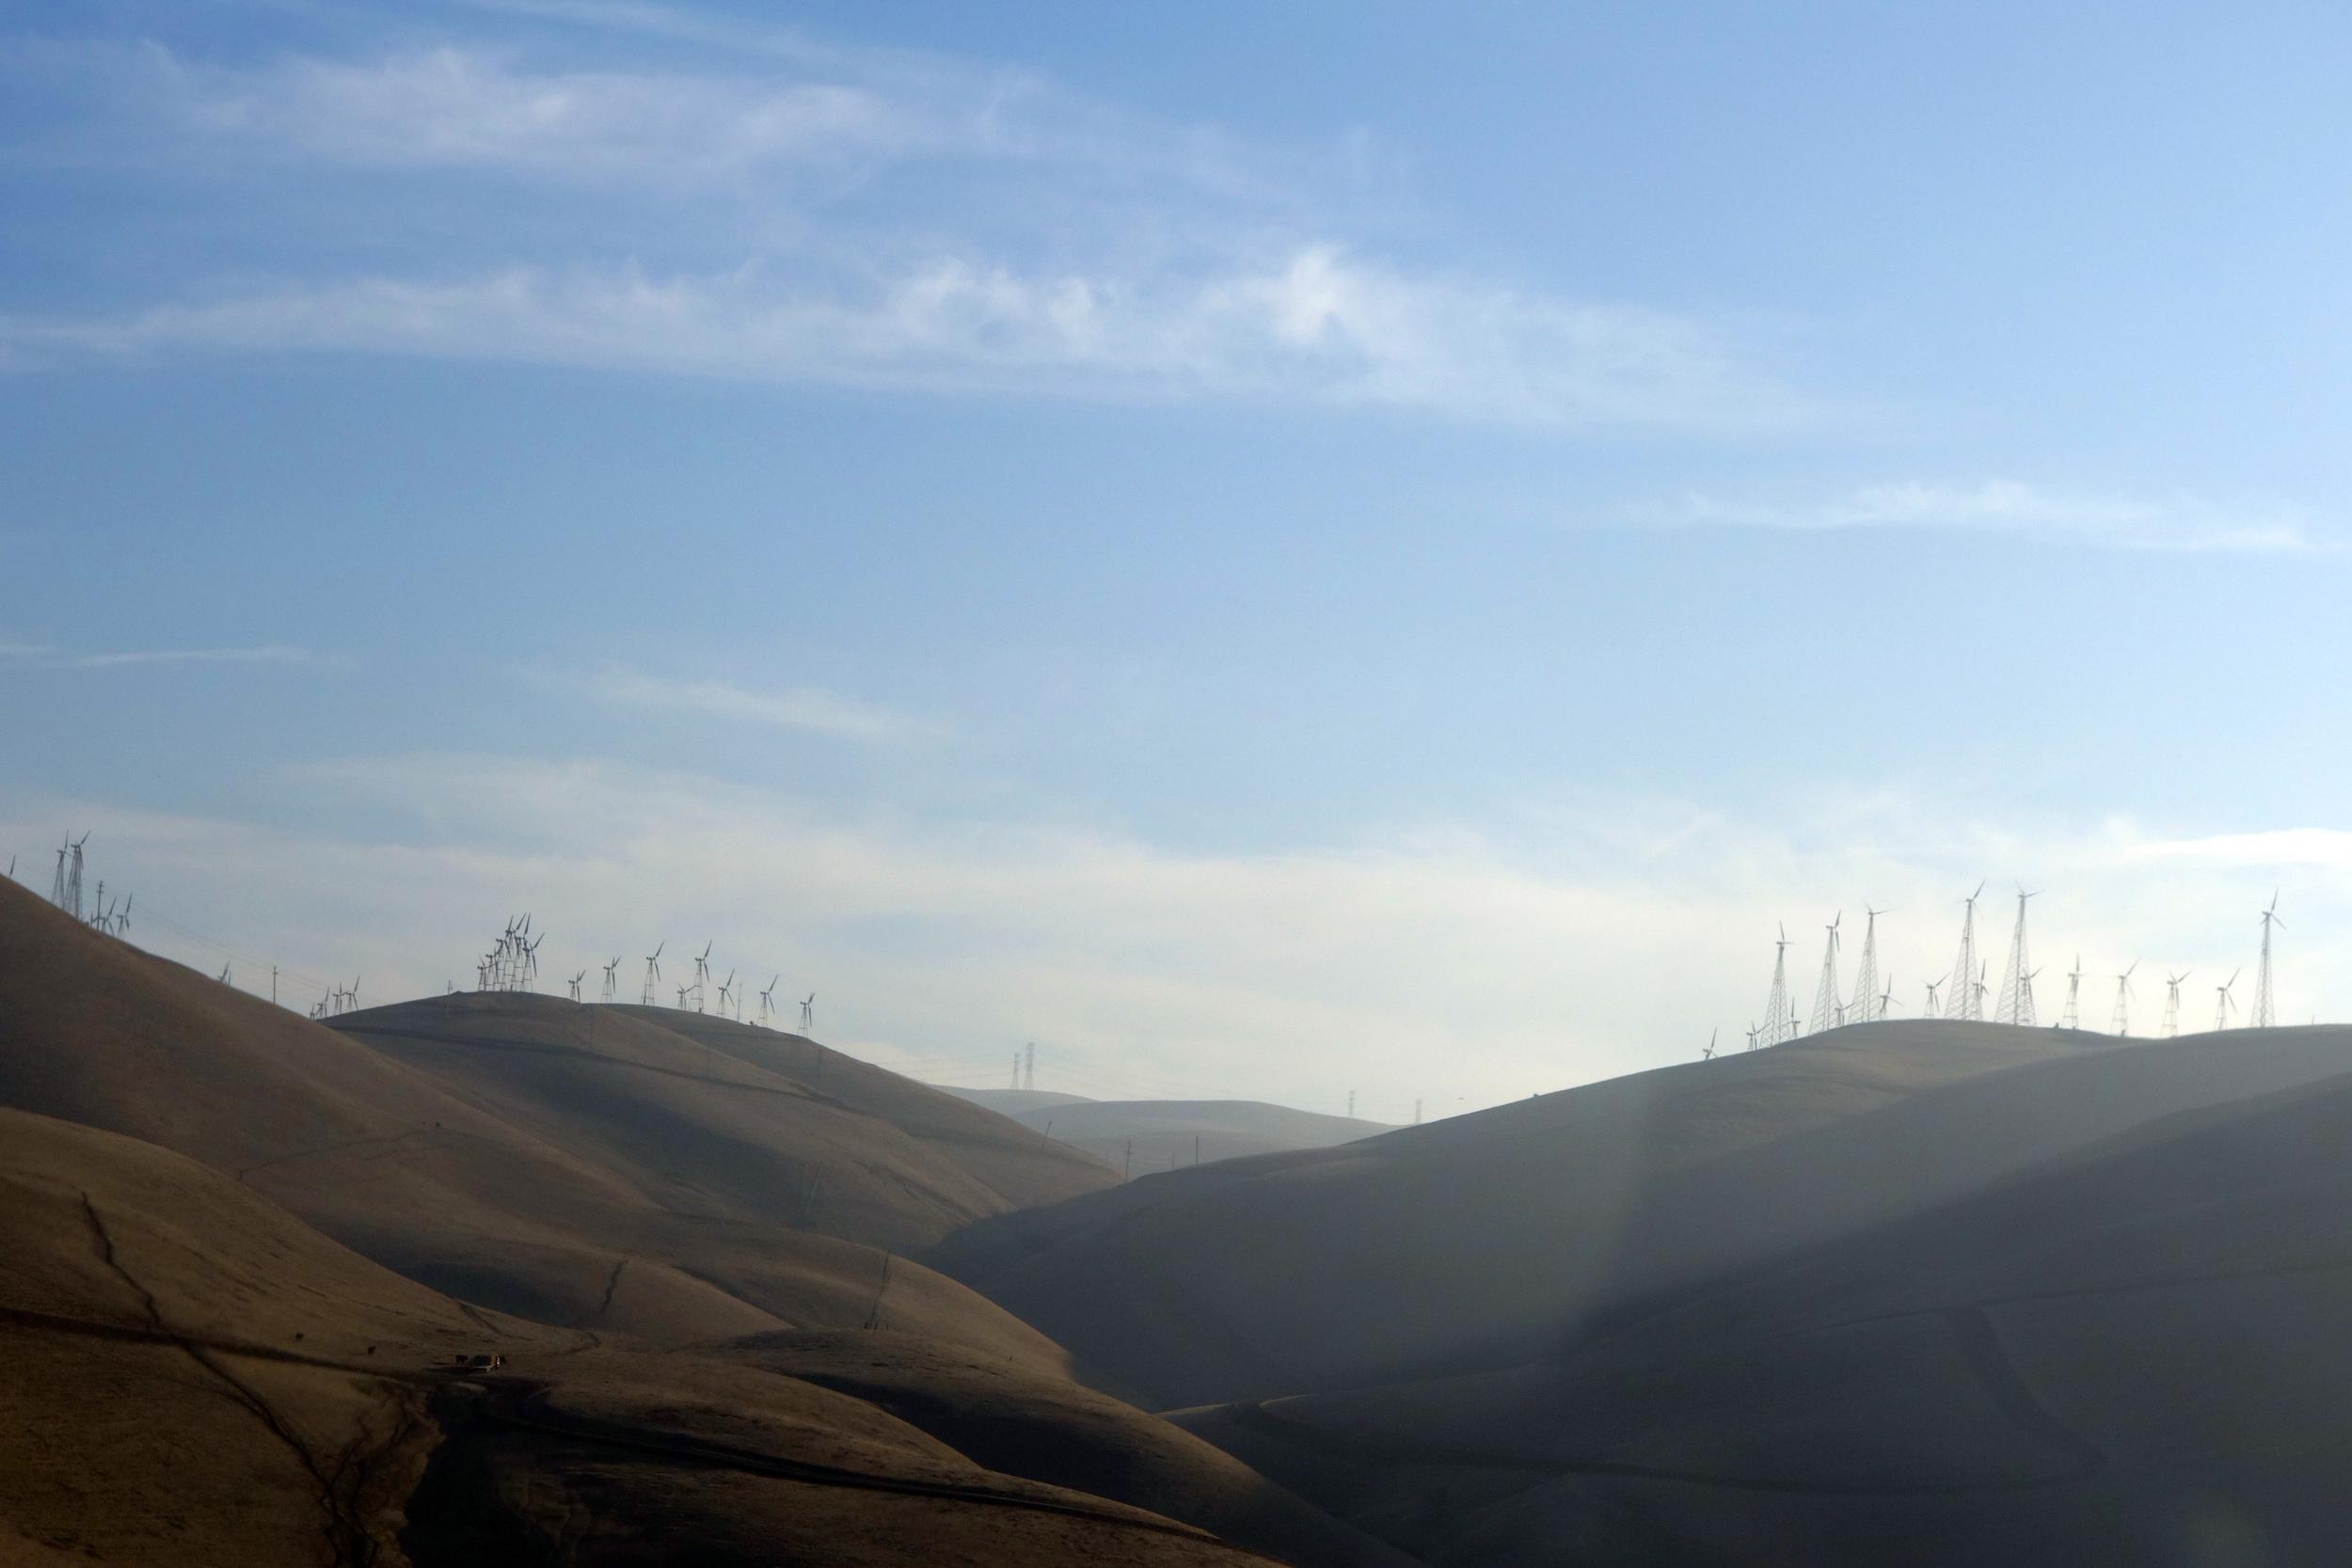 DSC00814 Windmills on the Hills.JPG